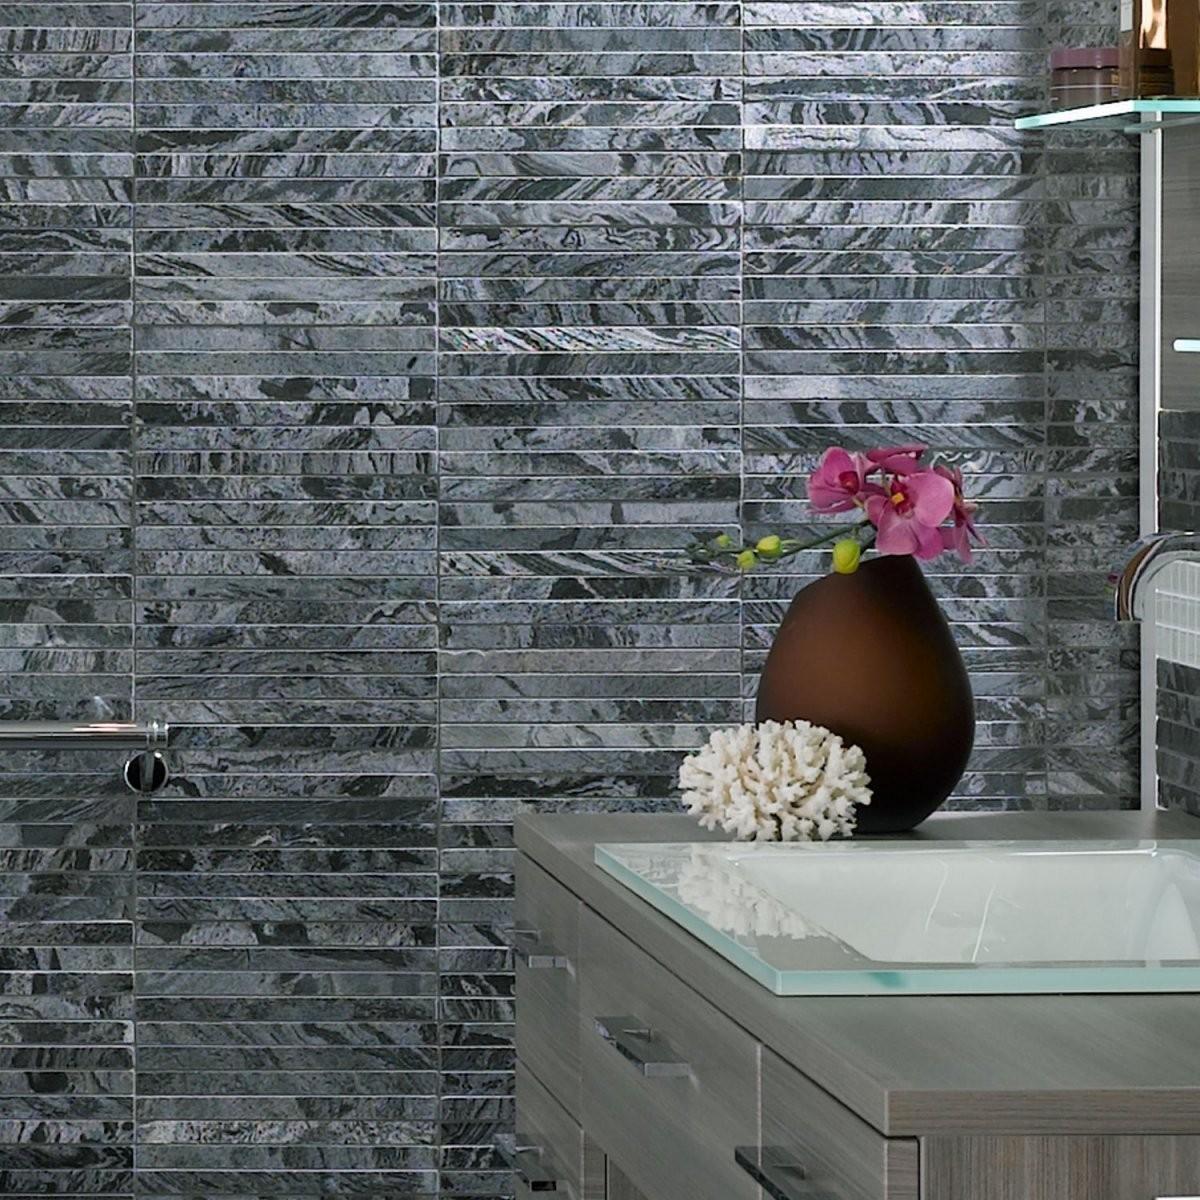 Naturstein Mosaikfliesen Quarzit Albury Poliert  Bad Wc Wand Bade von Mosaik Fliesen Bad Grau Bild